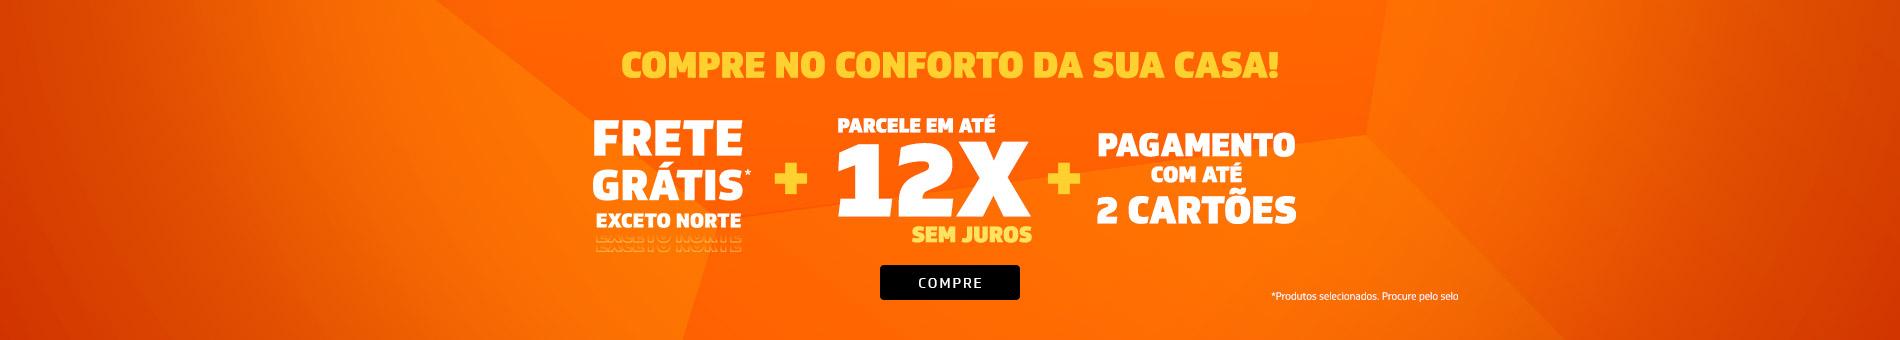 Promoção Interna - 4159 - momentos_frete-parcelamento-2cartoes_8042020_home1 - frete-parcelamento-2cartoes - 1